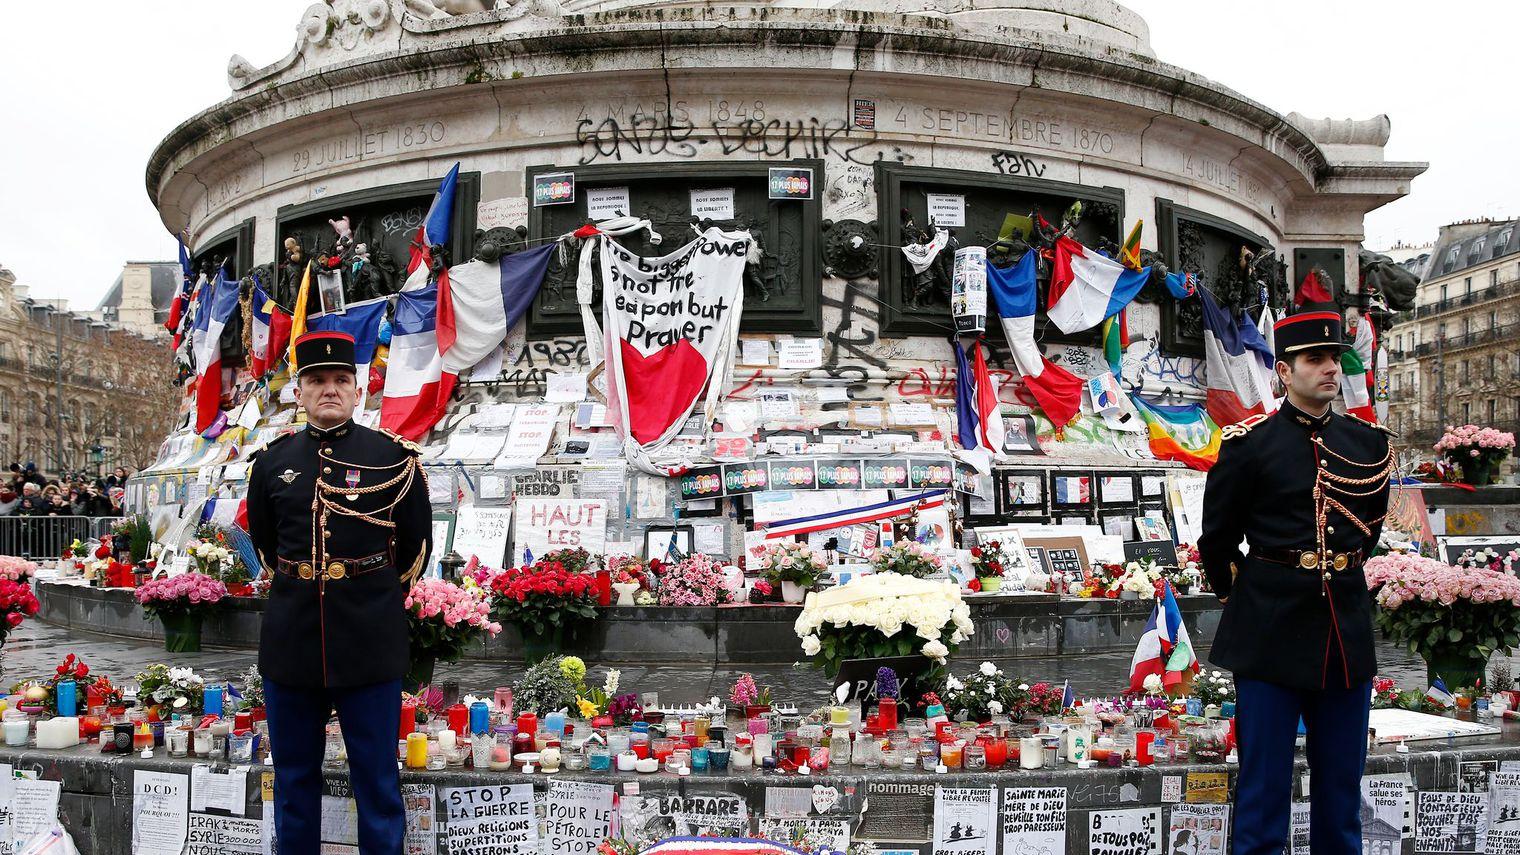 fleurs-et-bougies-place-de-la-republique-a-paris-le-10-janvier-2016-en-hommage-aux-victimes-des-attentats_5509039